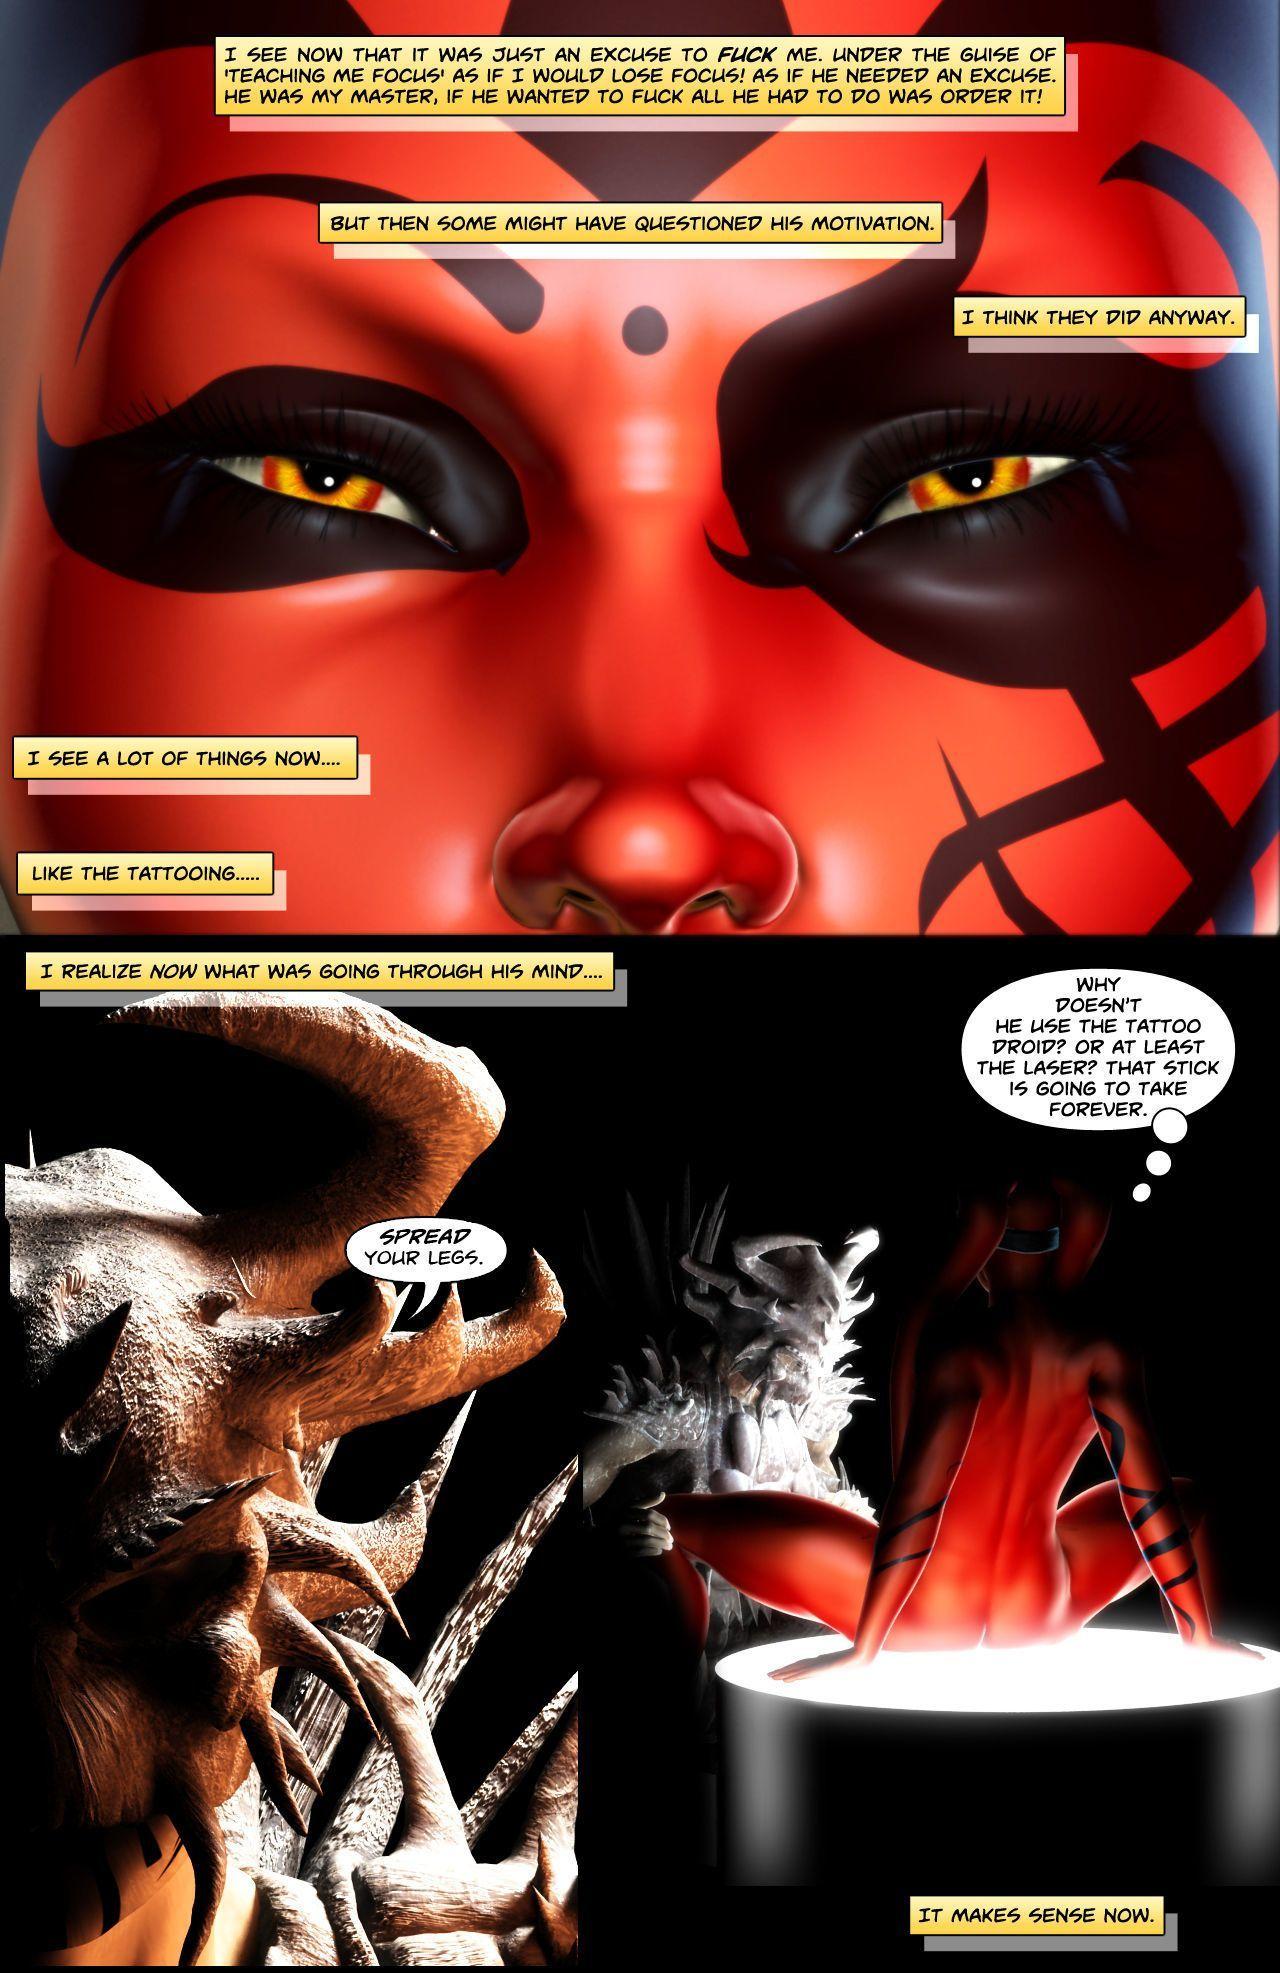 [darthhell] Talon X (Star Wars)